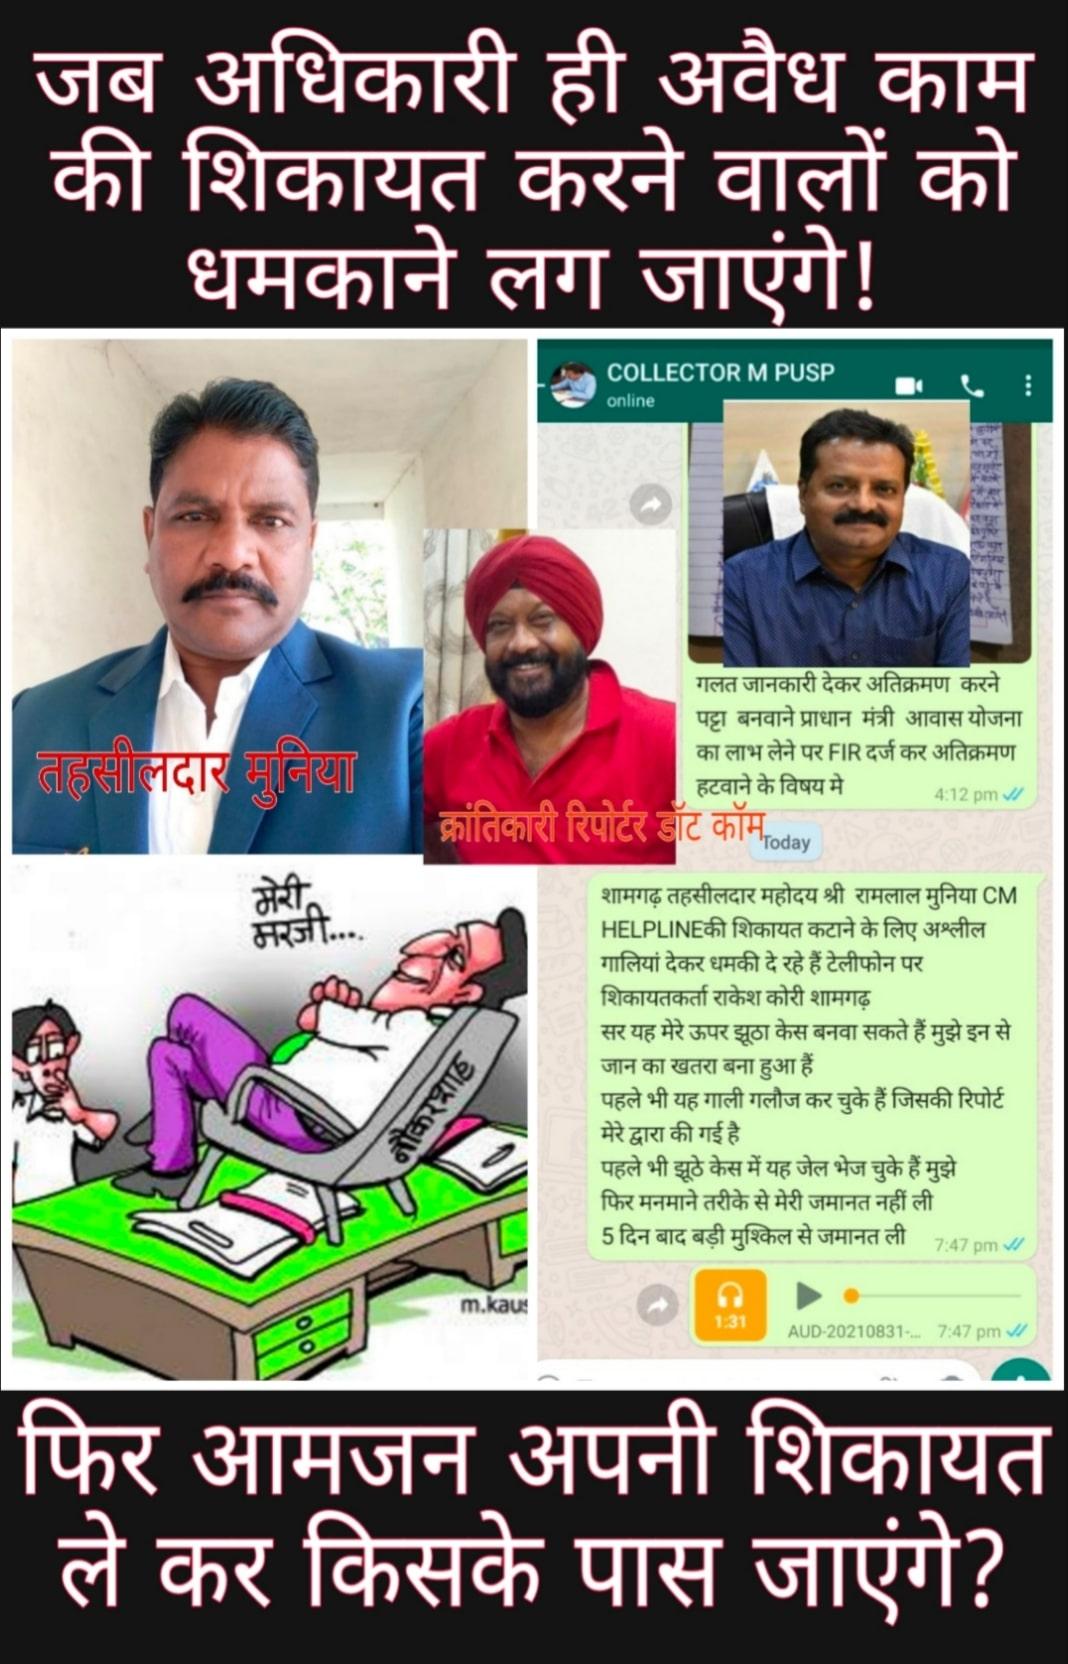 #अवैध निर्माण की CM हेल्पलाइन कटवाने का तहसीलदार मुनिया ने लिया ठेका... शिकायत निपटाने के लिए अपनाया राठौरी तरीका... शिकायतकर्ता को ही धमका दिया...!